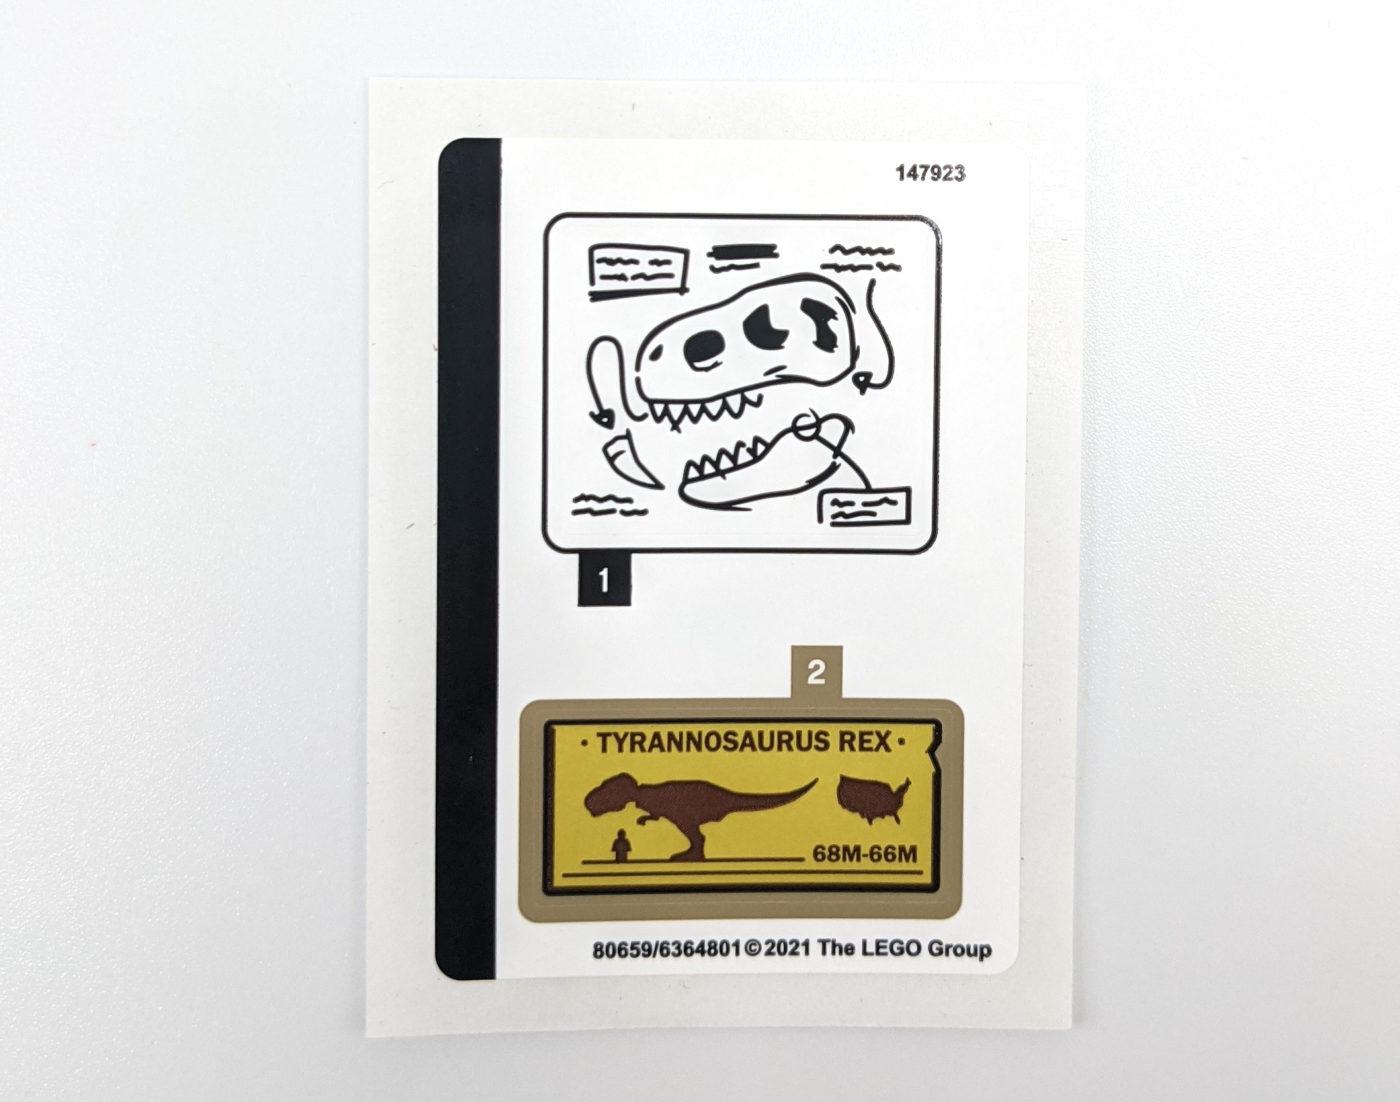 LEGO 76940 T. rex Dinosaur Fossil Exhibition Sticker Sheet